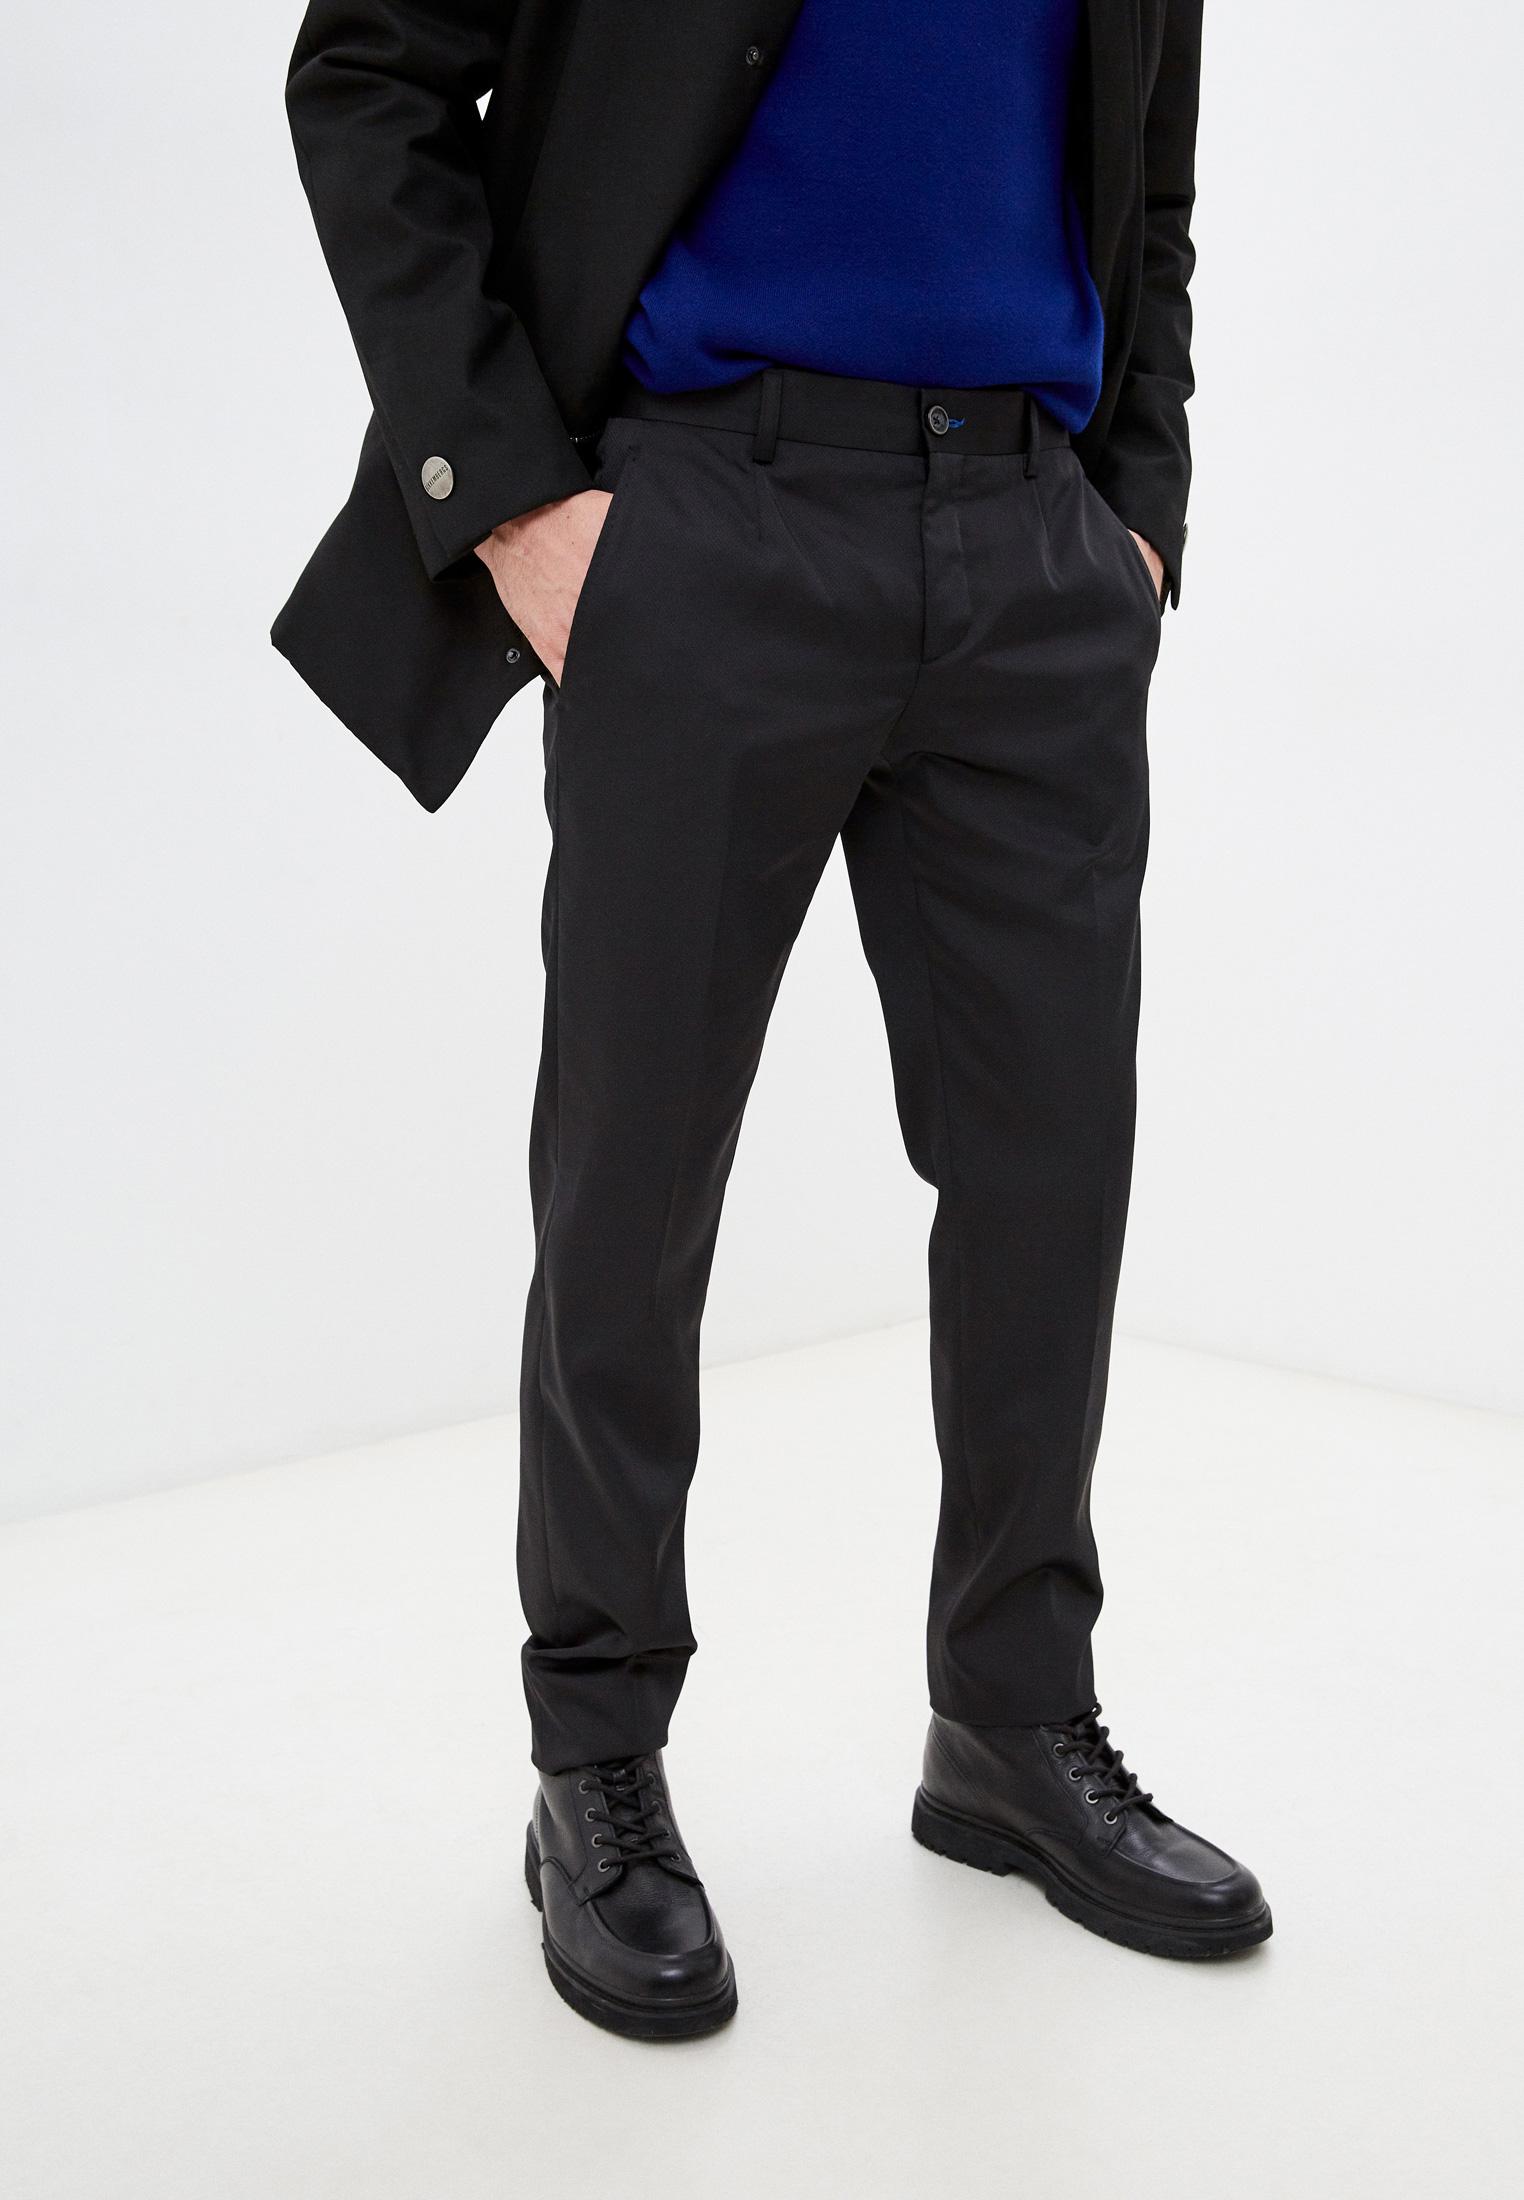 Мужские классические брюки Dirk Bikkembergs Брюки Dirk Bikkembergs